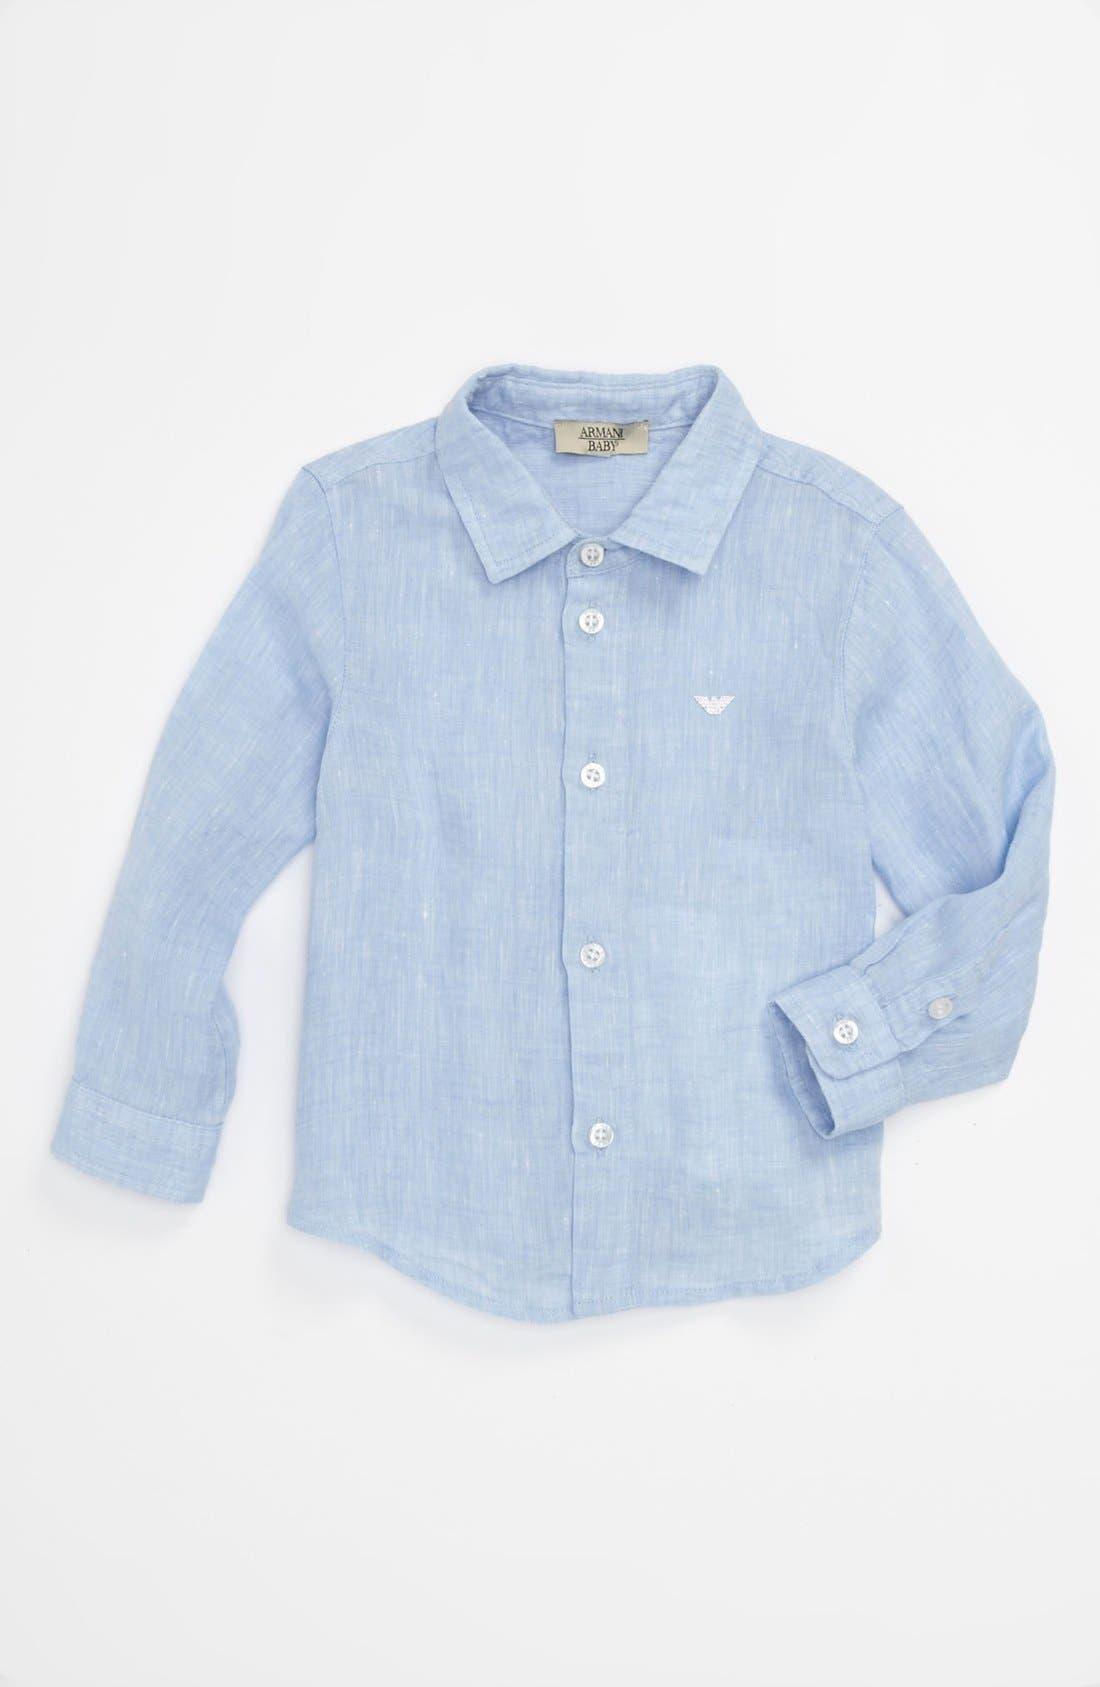 Main Image - Armani Junior Chambray Sport Shirt (Baby)